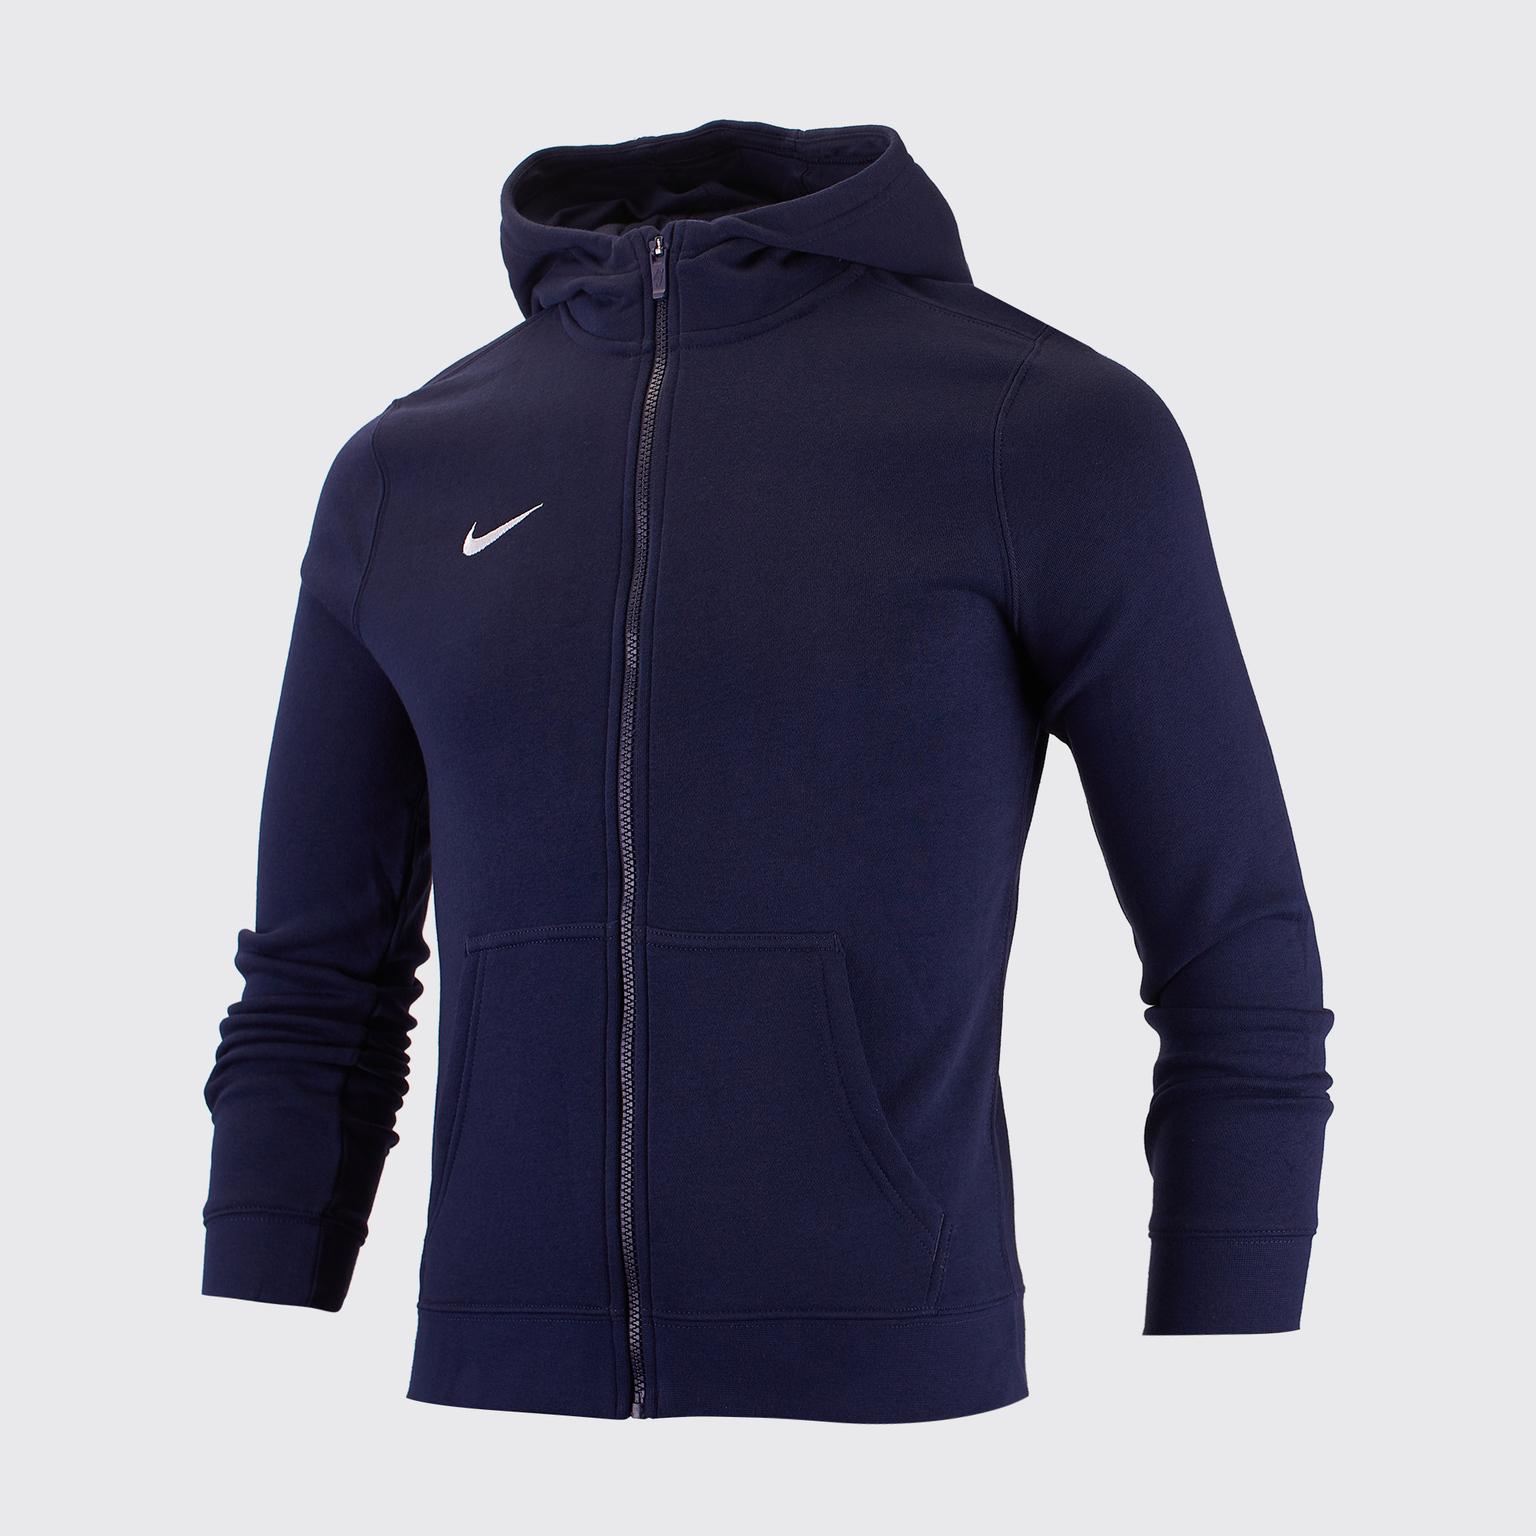 Толстовка подростковая Nike Hoodie FZ FLC Club19 AJ1458-451 футболка подростковая nike team club blend tee 658494 451